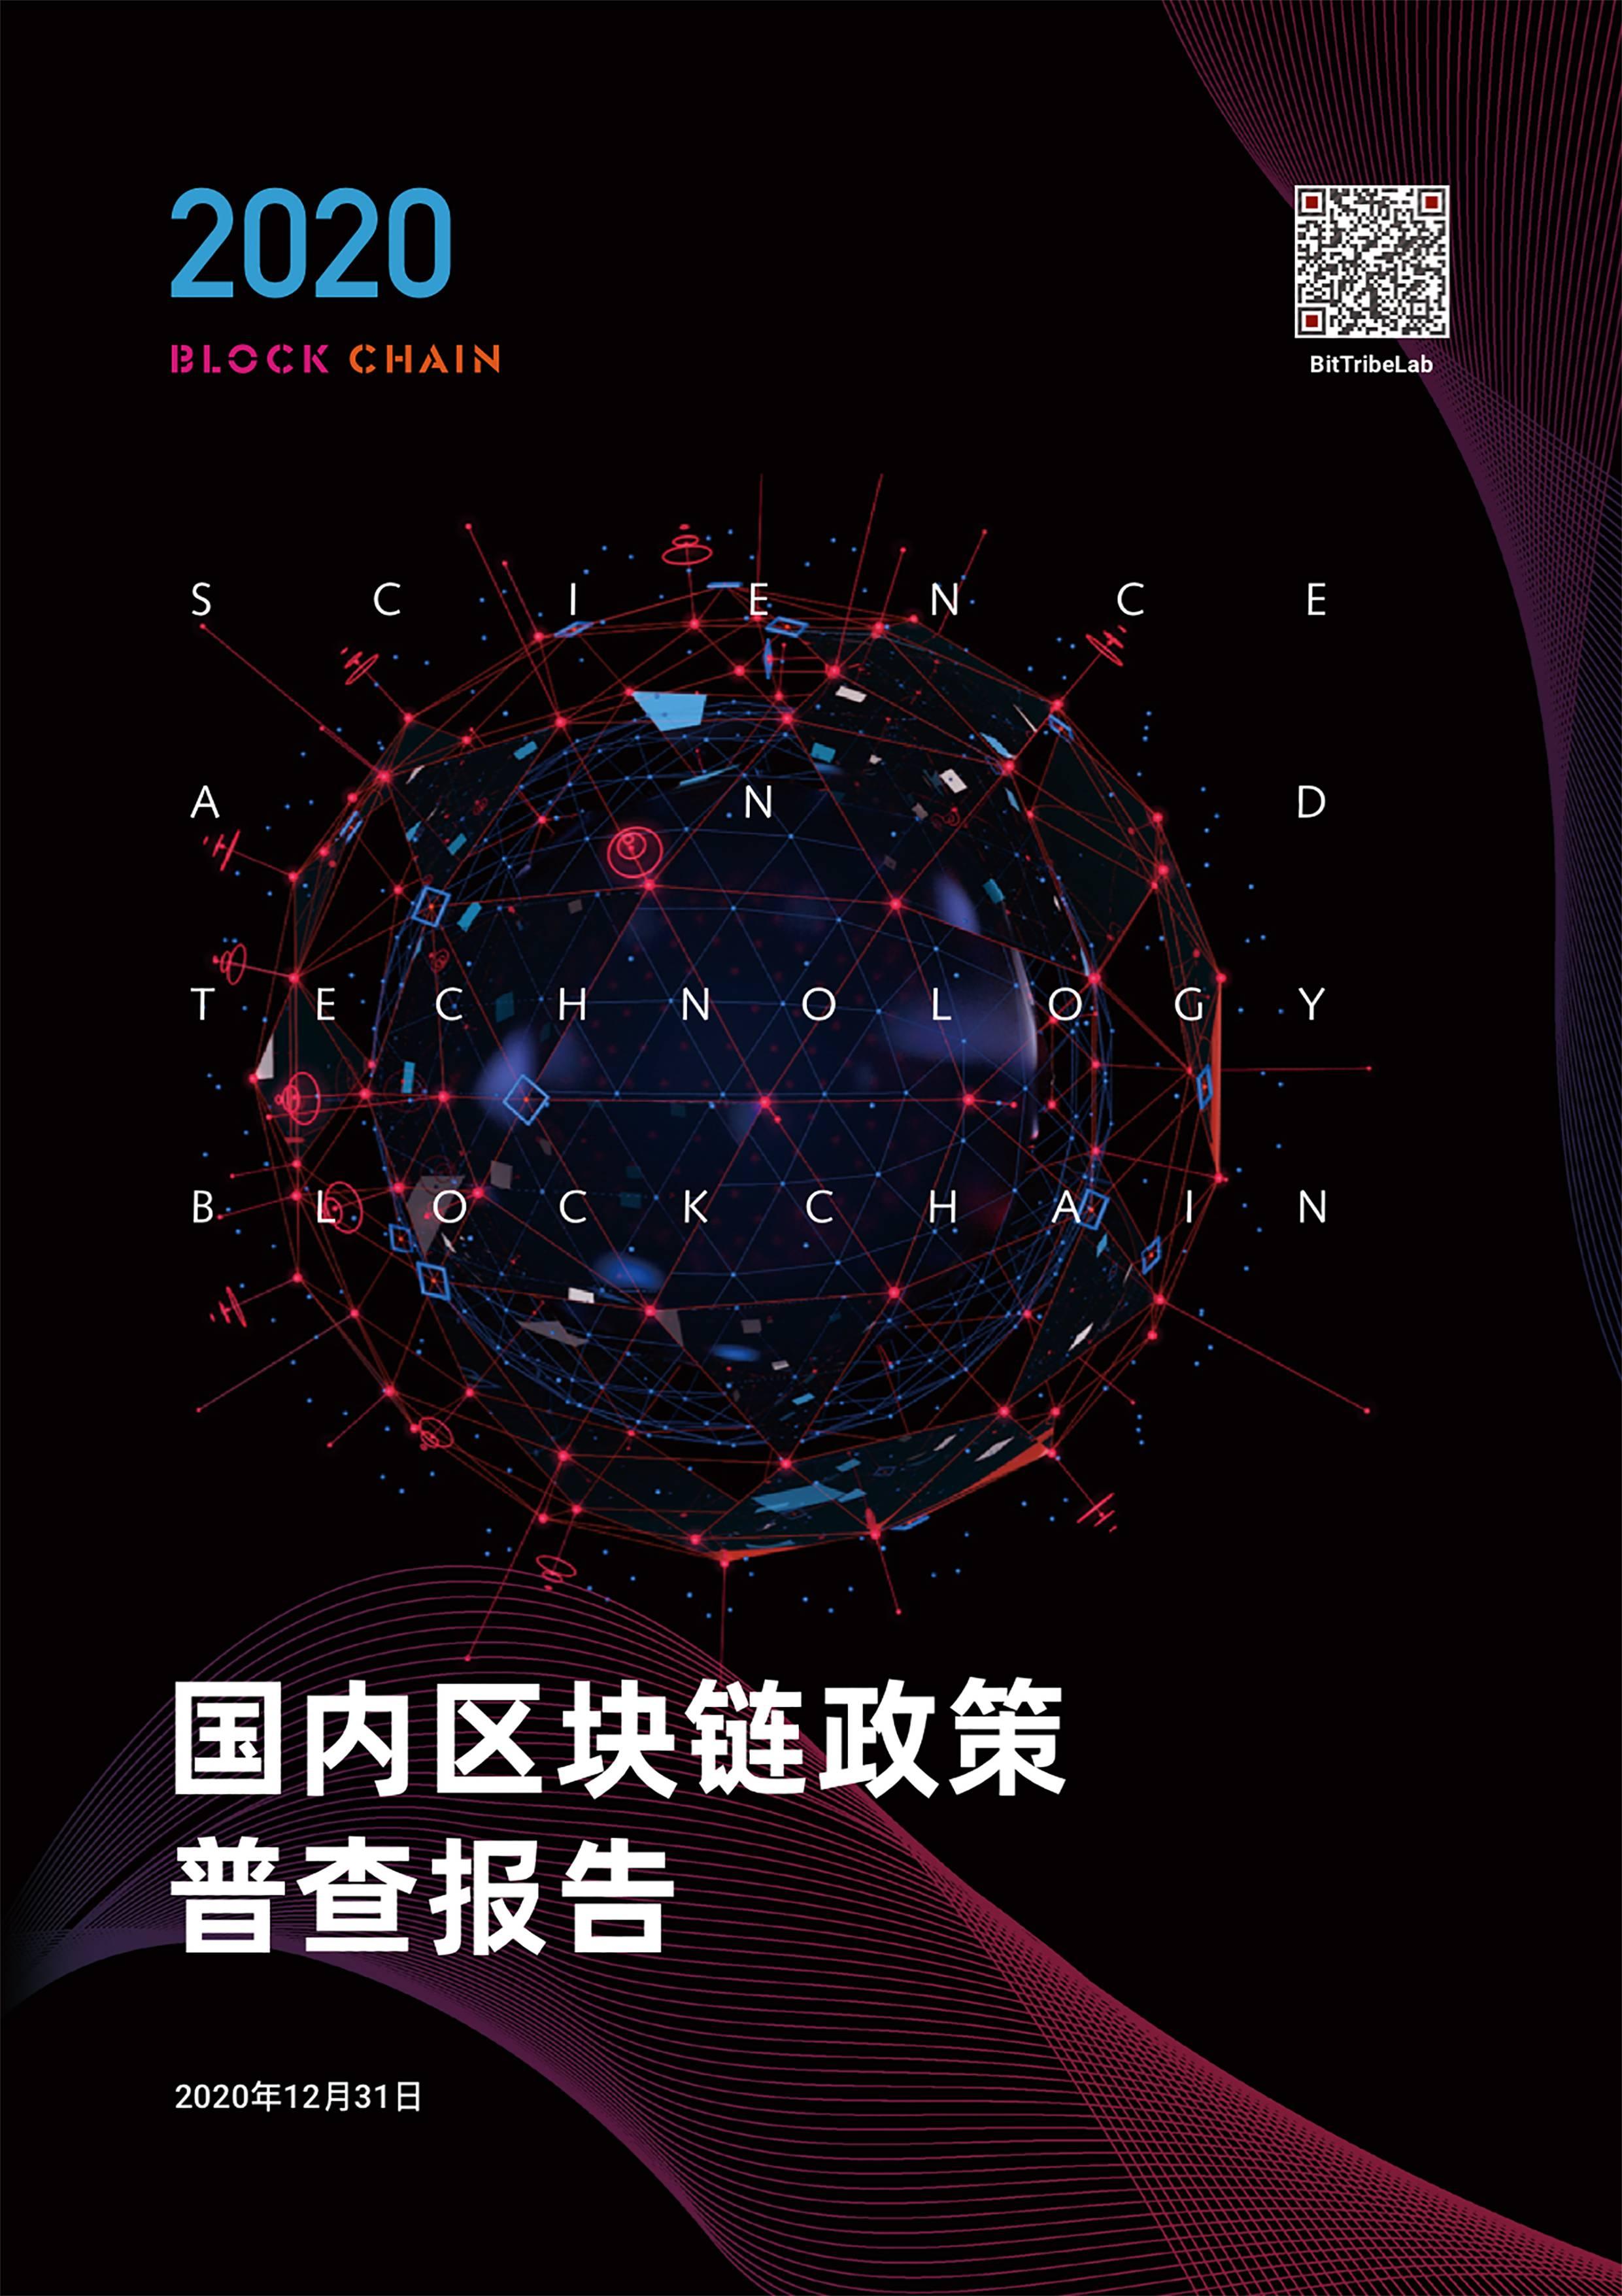 研究 | 2020国内区块链政策普查报告